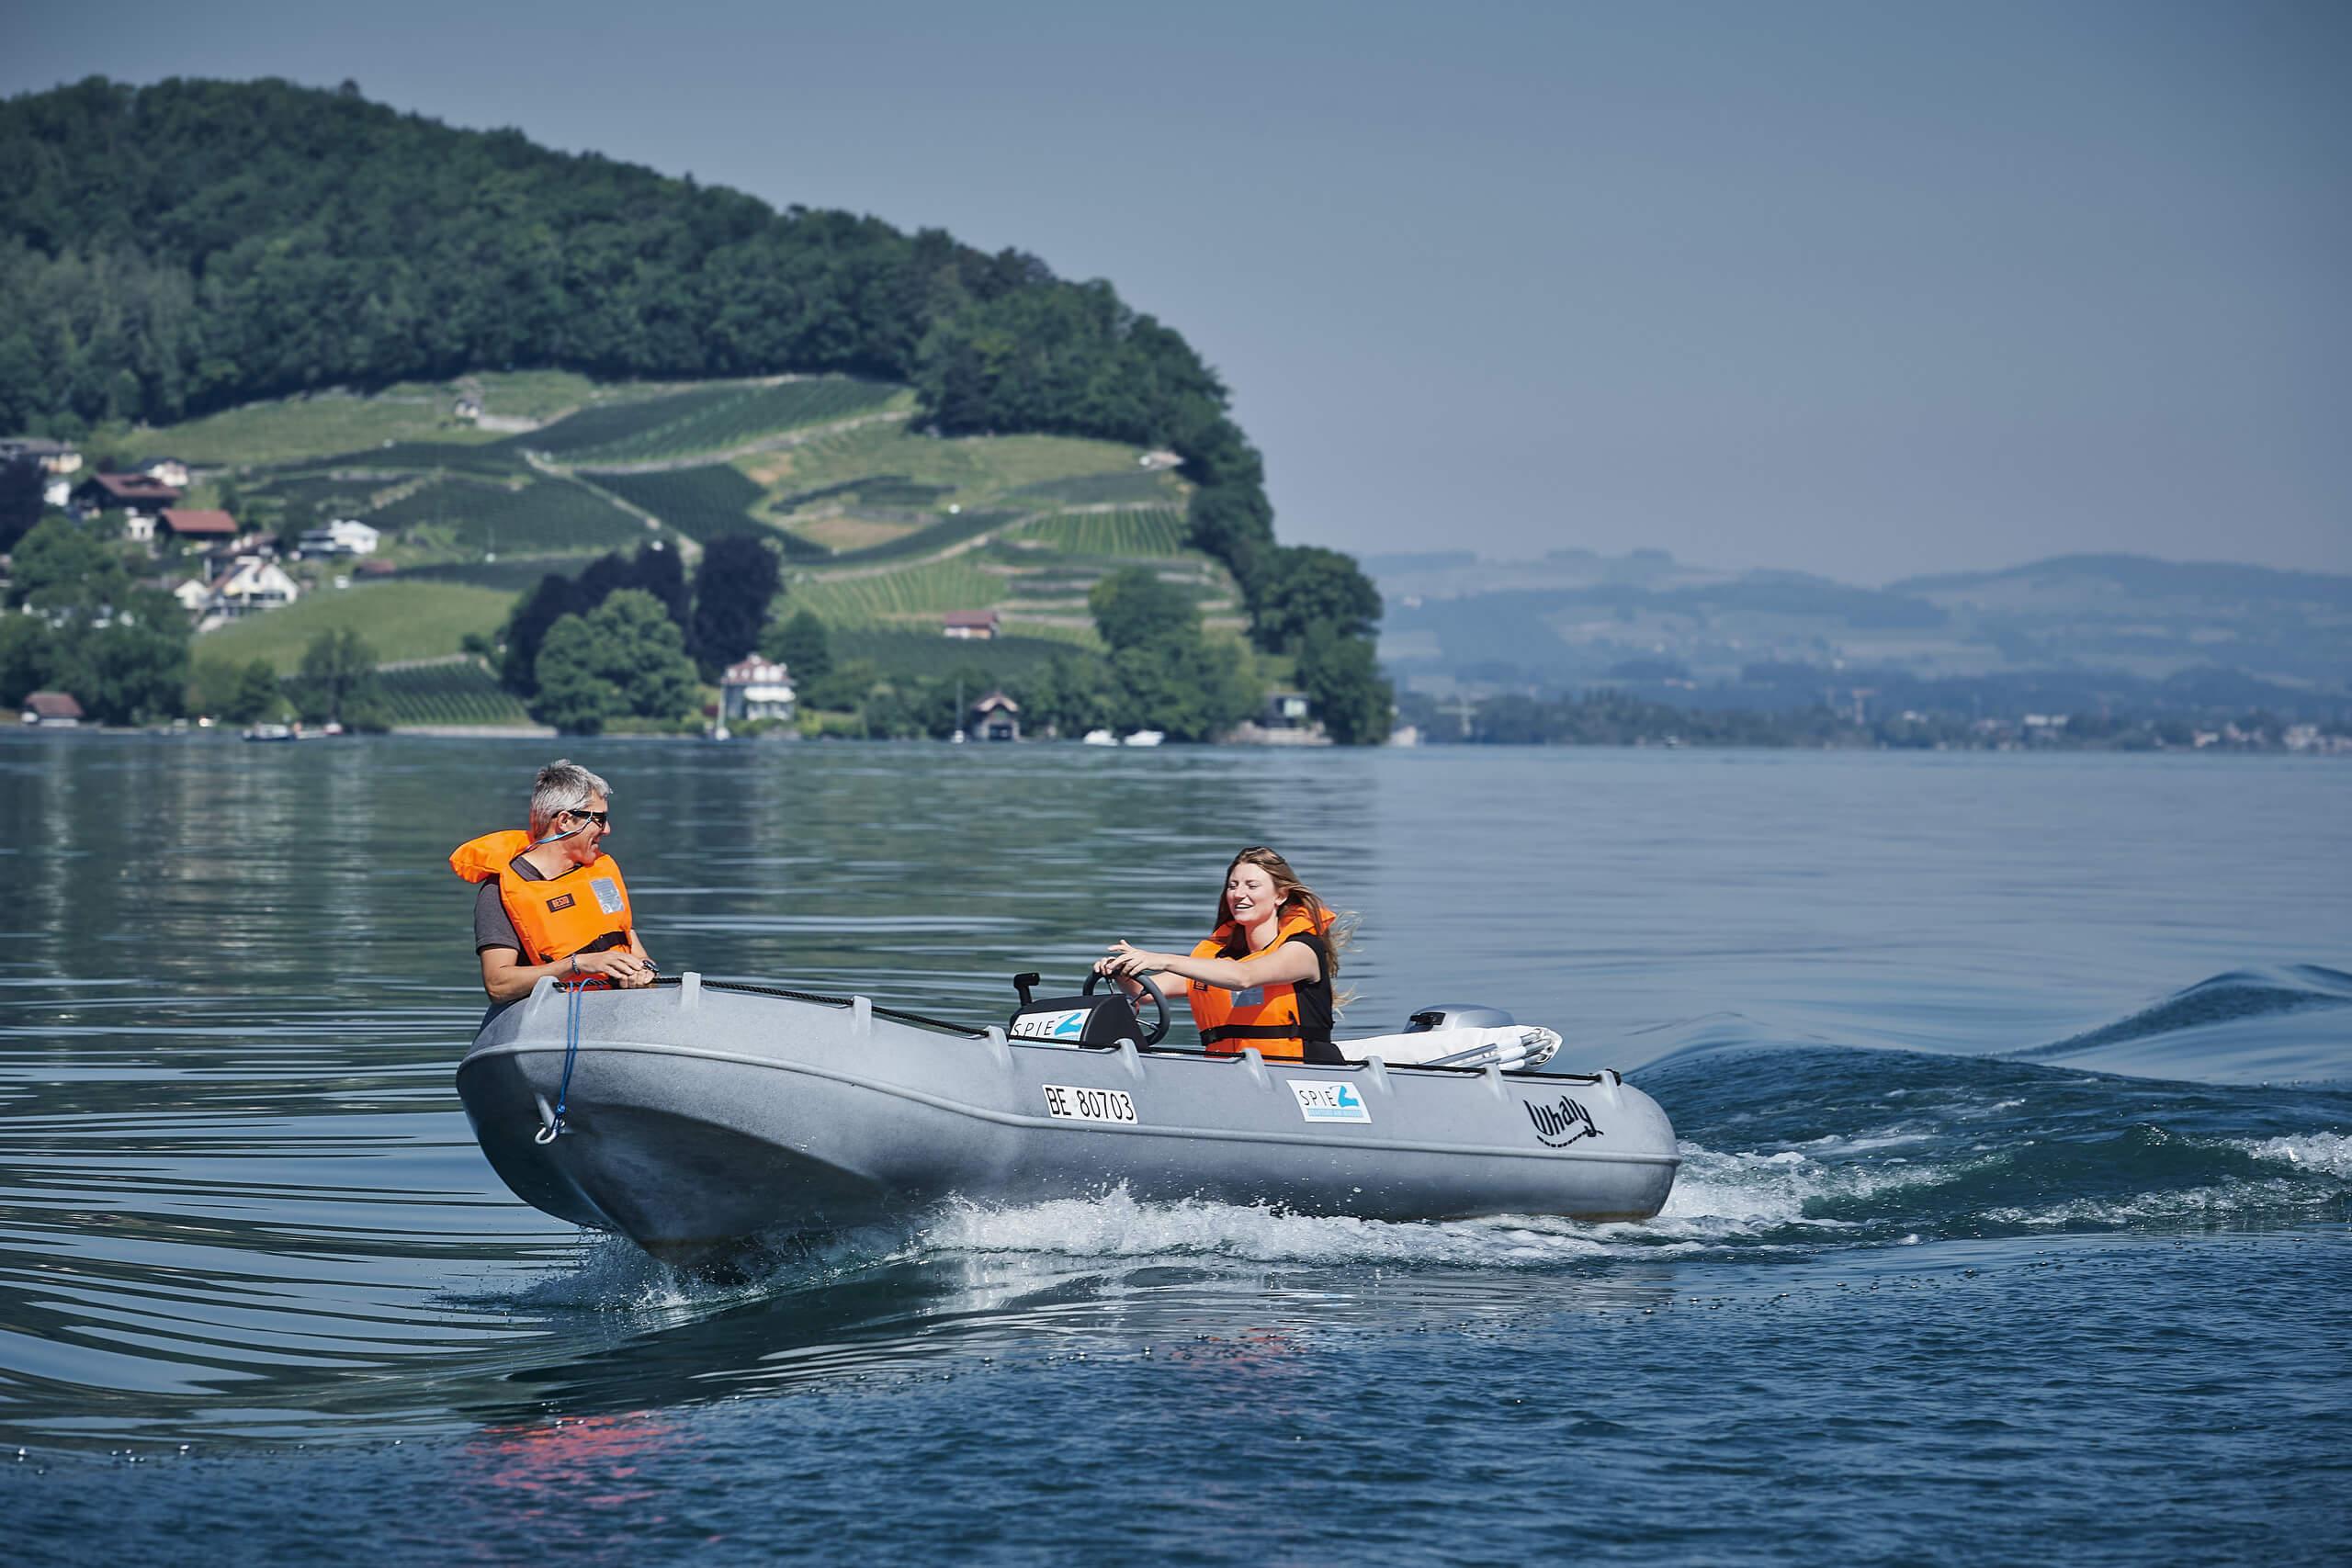 faulensee-thunersee-motorboot-wasser-sommer-spiez-bucht